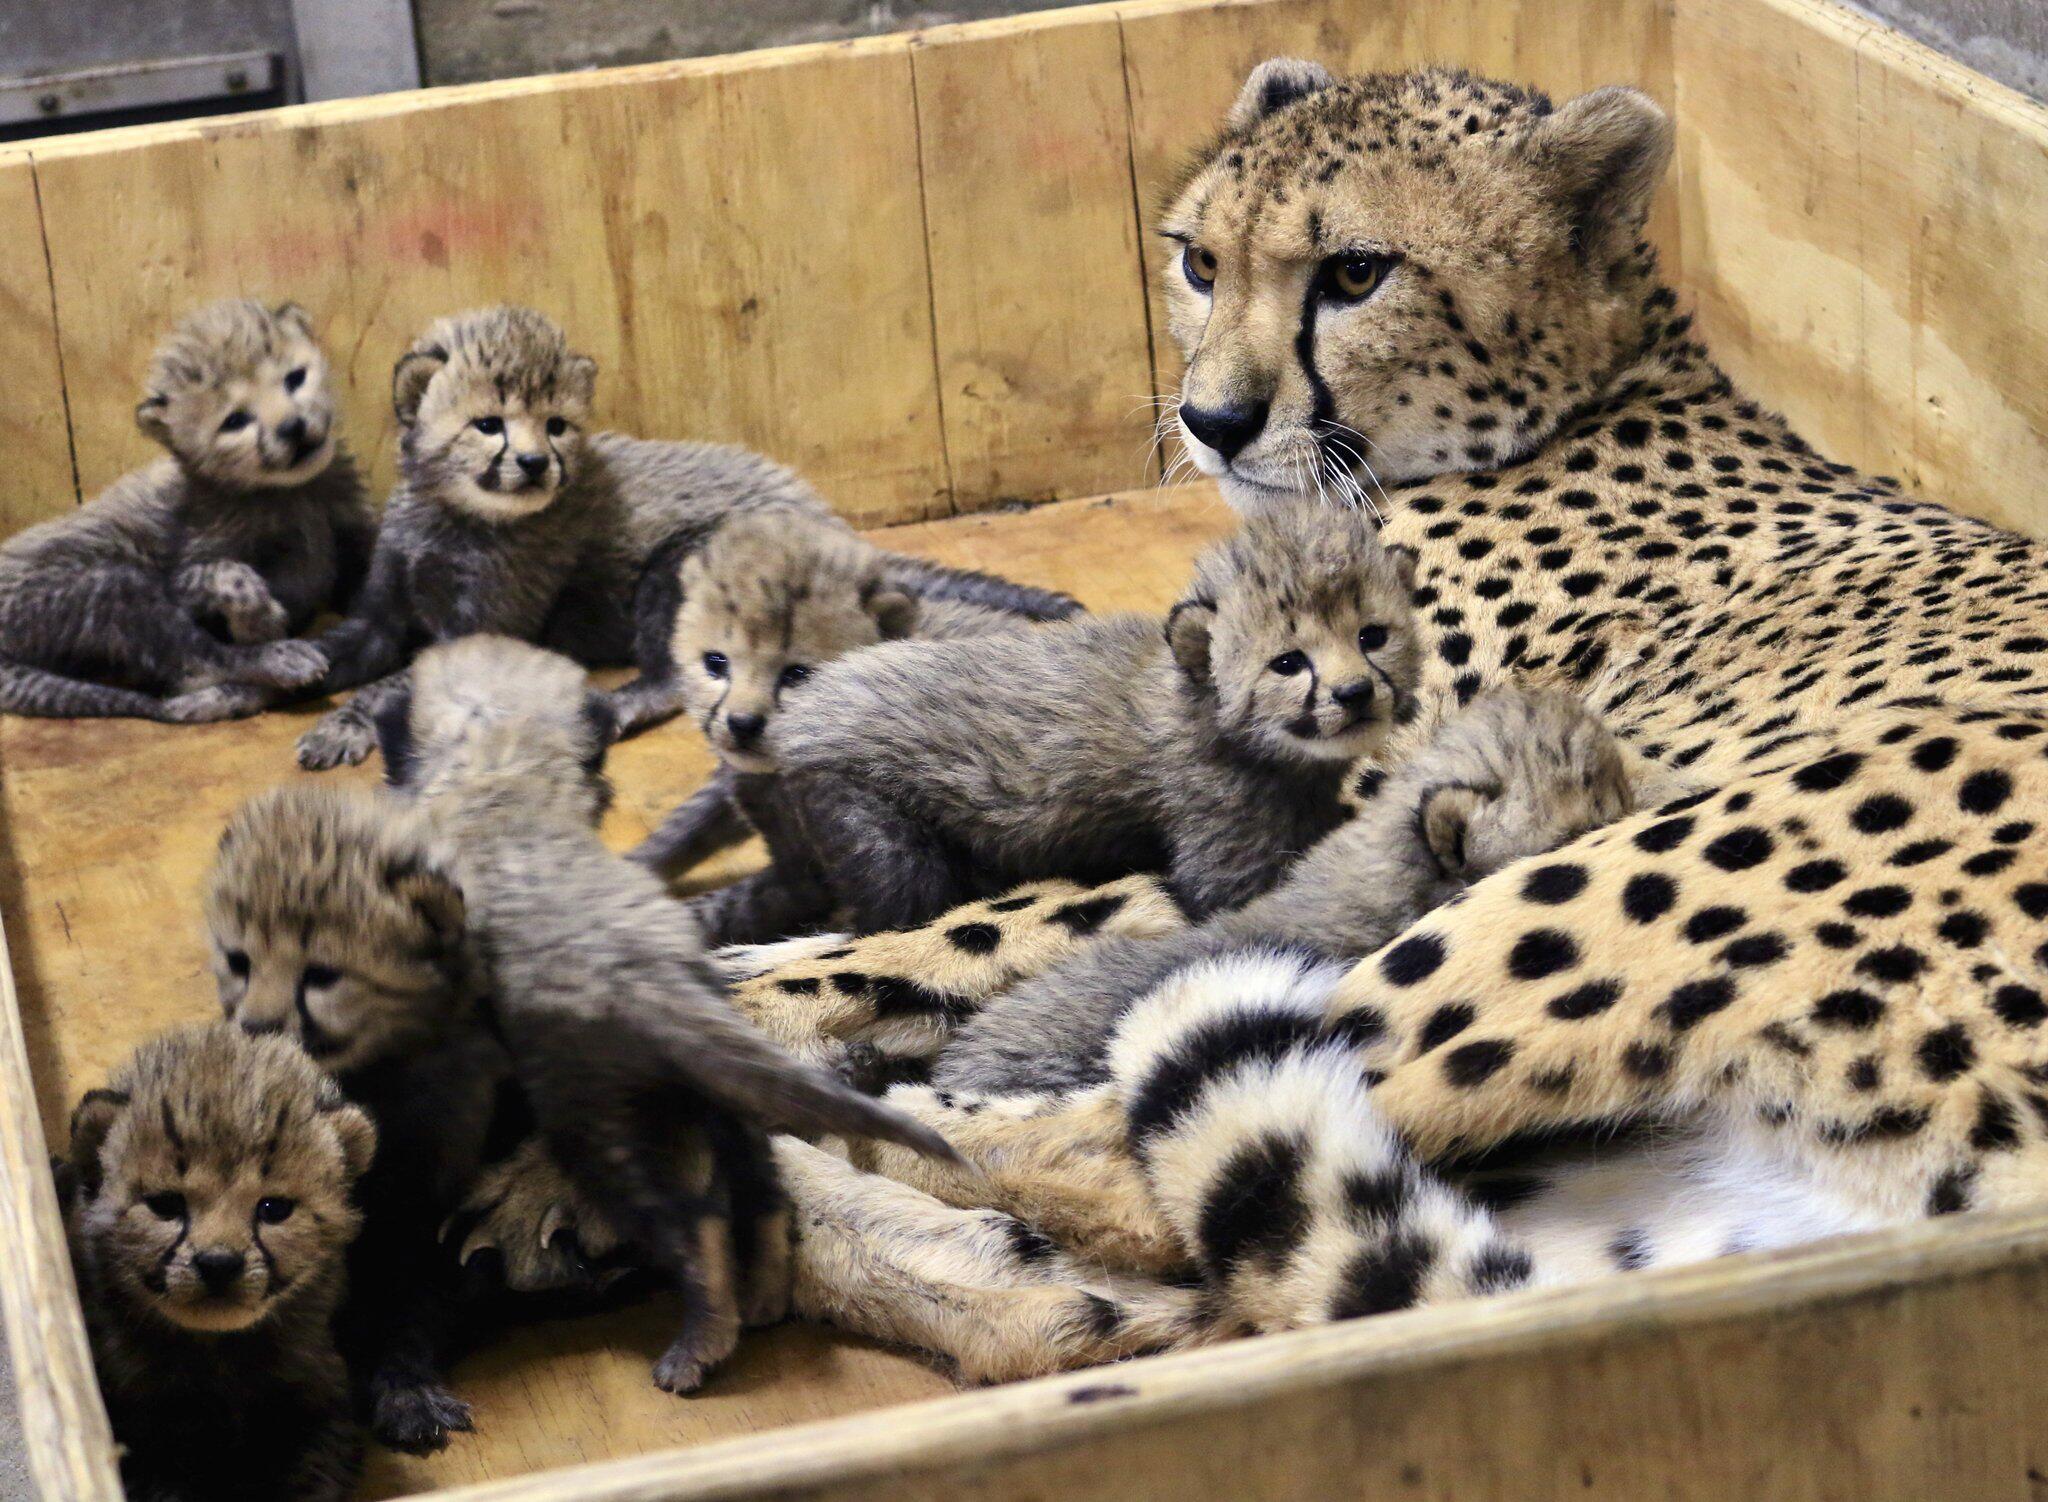 Bild zu Gepardendame, Gepardin, Bingwa, acht Junge, Gepardenbabys